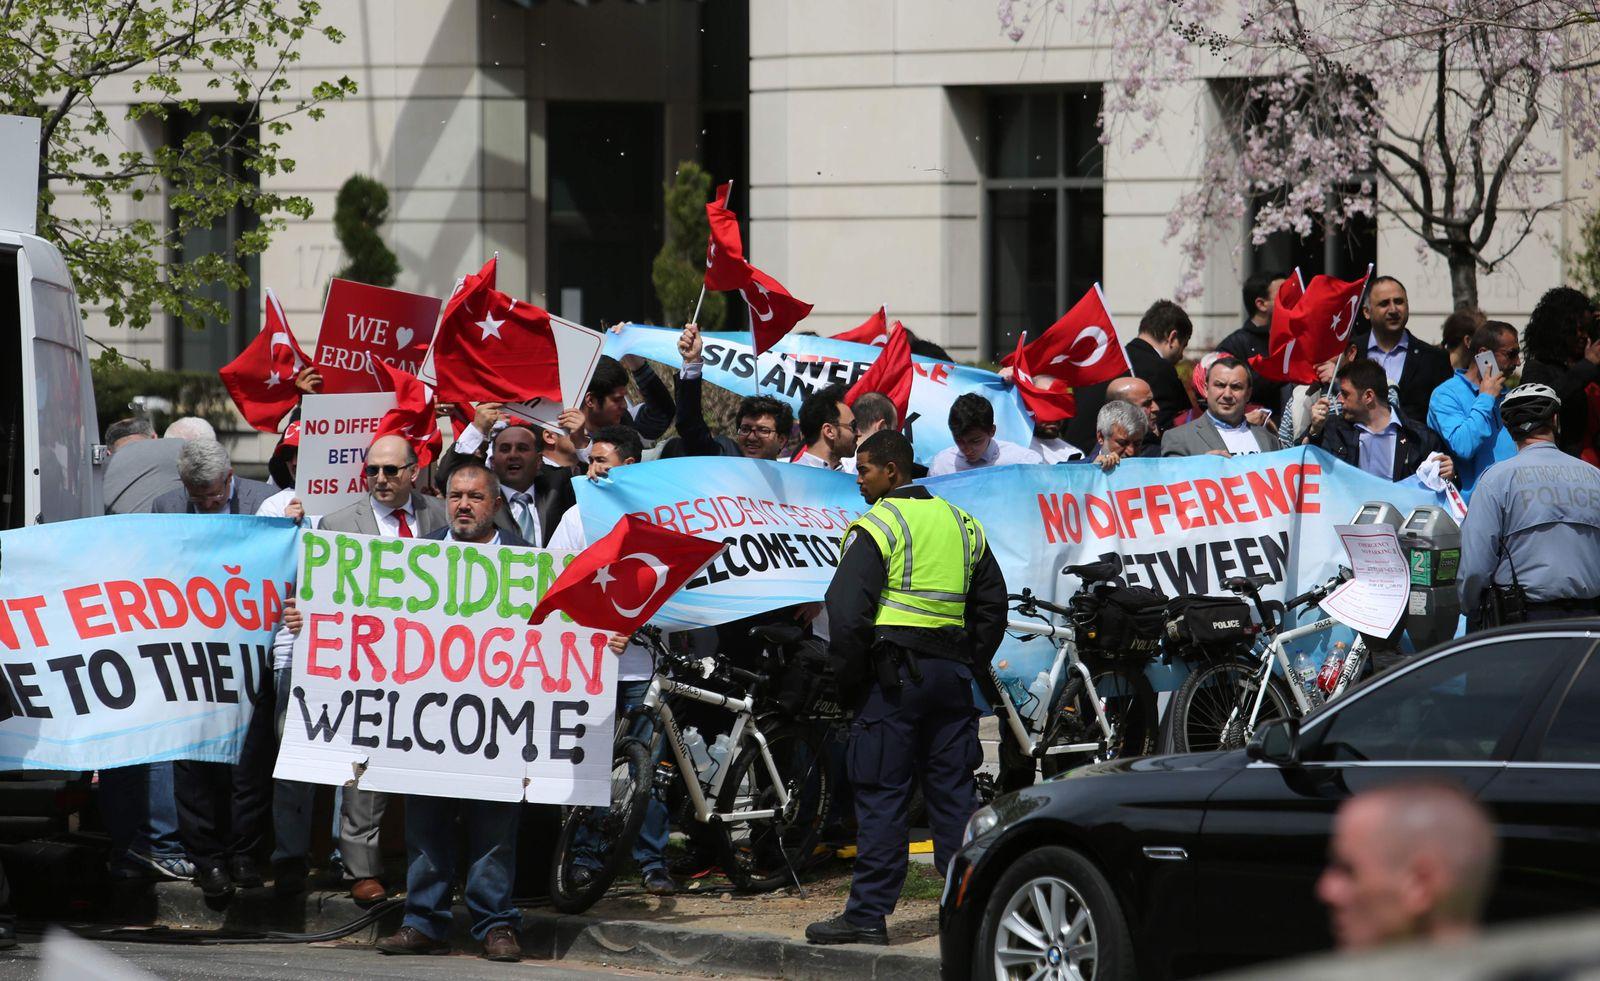 Pro Erdogan Demo in Washington